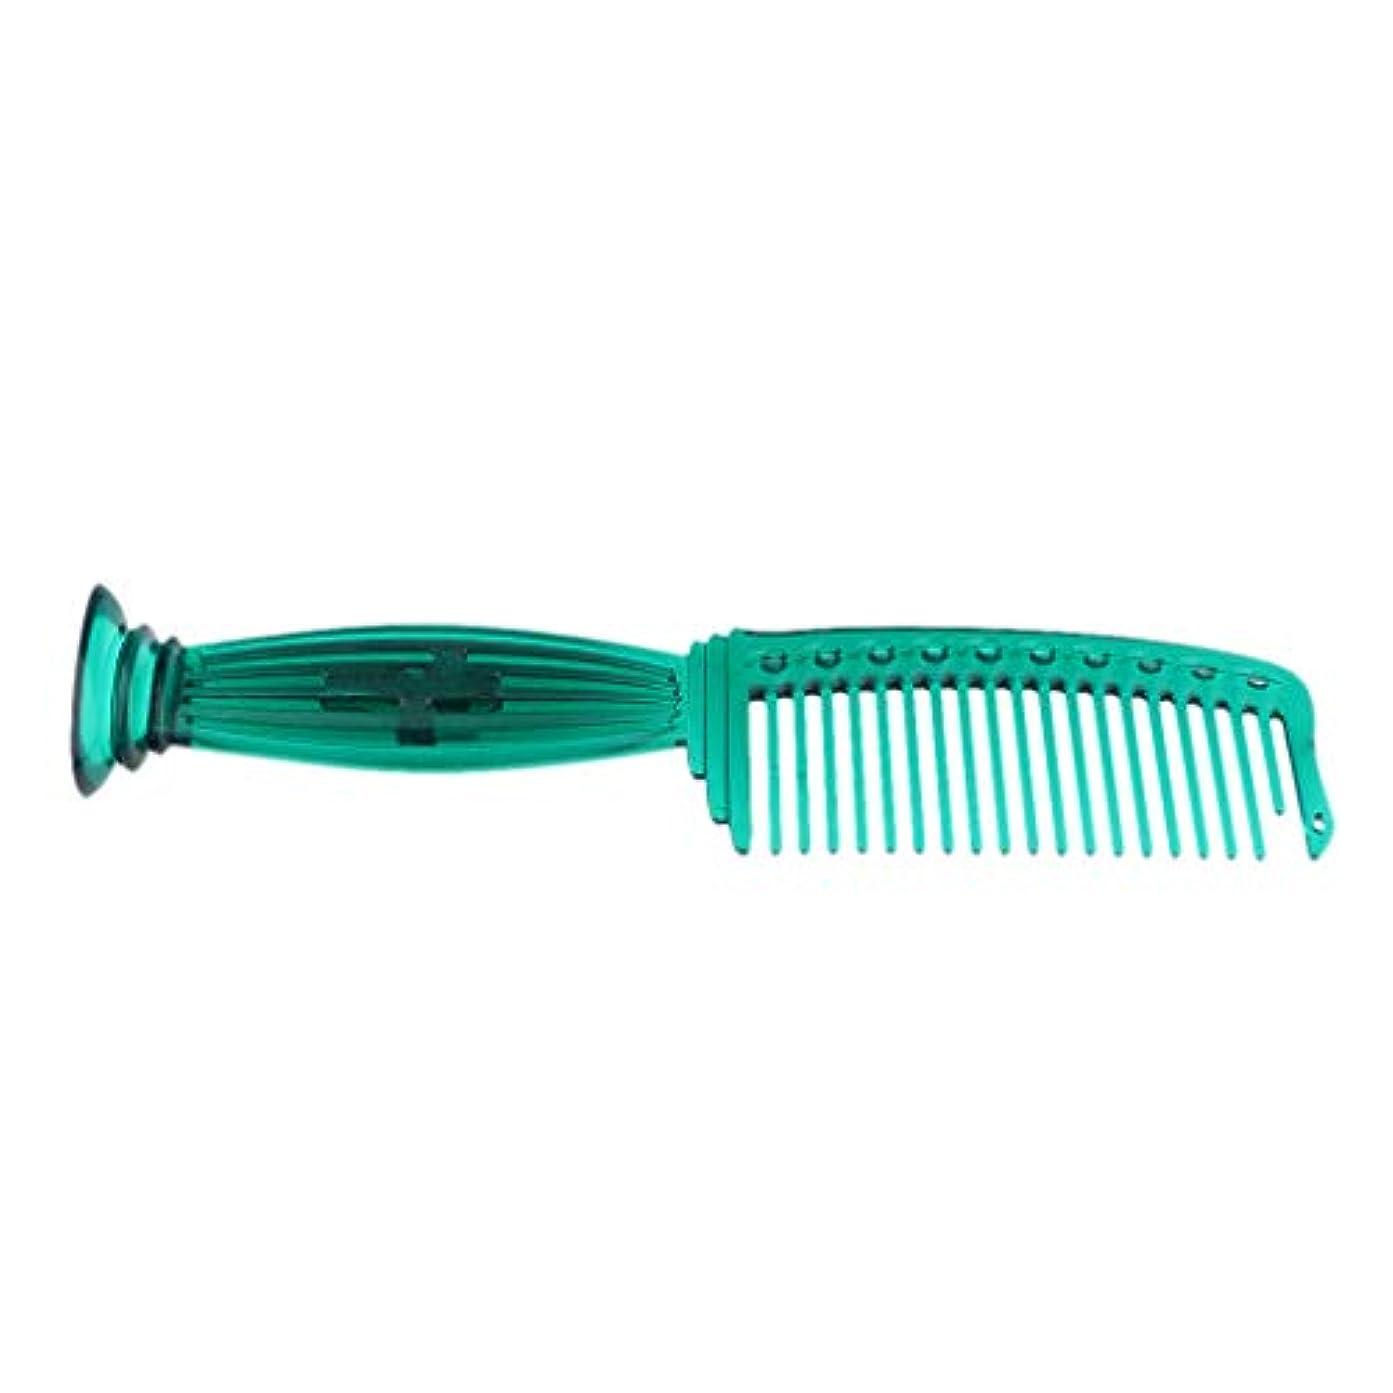 悲鳴エトナ山偶然のT TOOYFUL 全5色 ワイド歯 ヘアコーム ヘアブラシ プラスチック櫛 頭皮保護 櫛 プロ ヘアサロン 理髪師用 - 緑